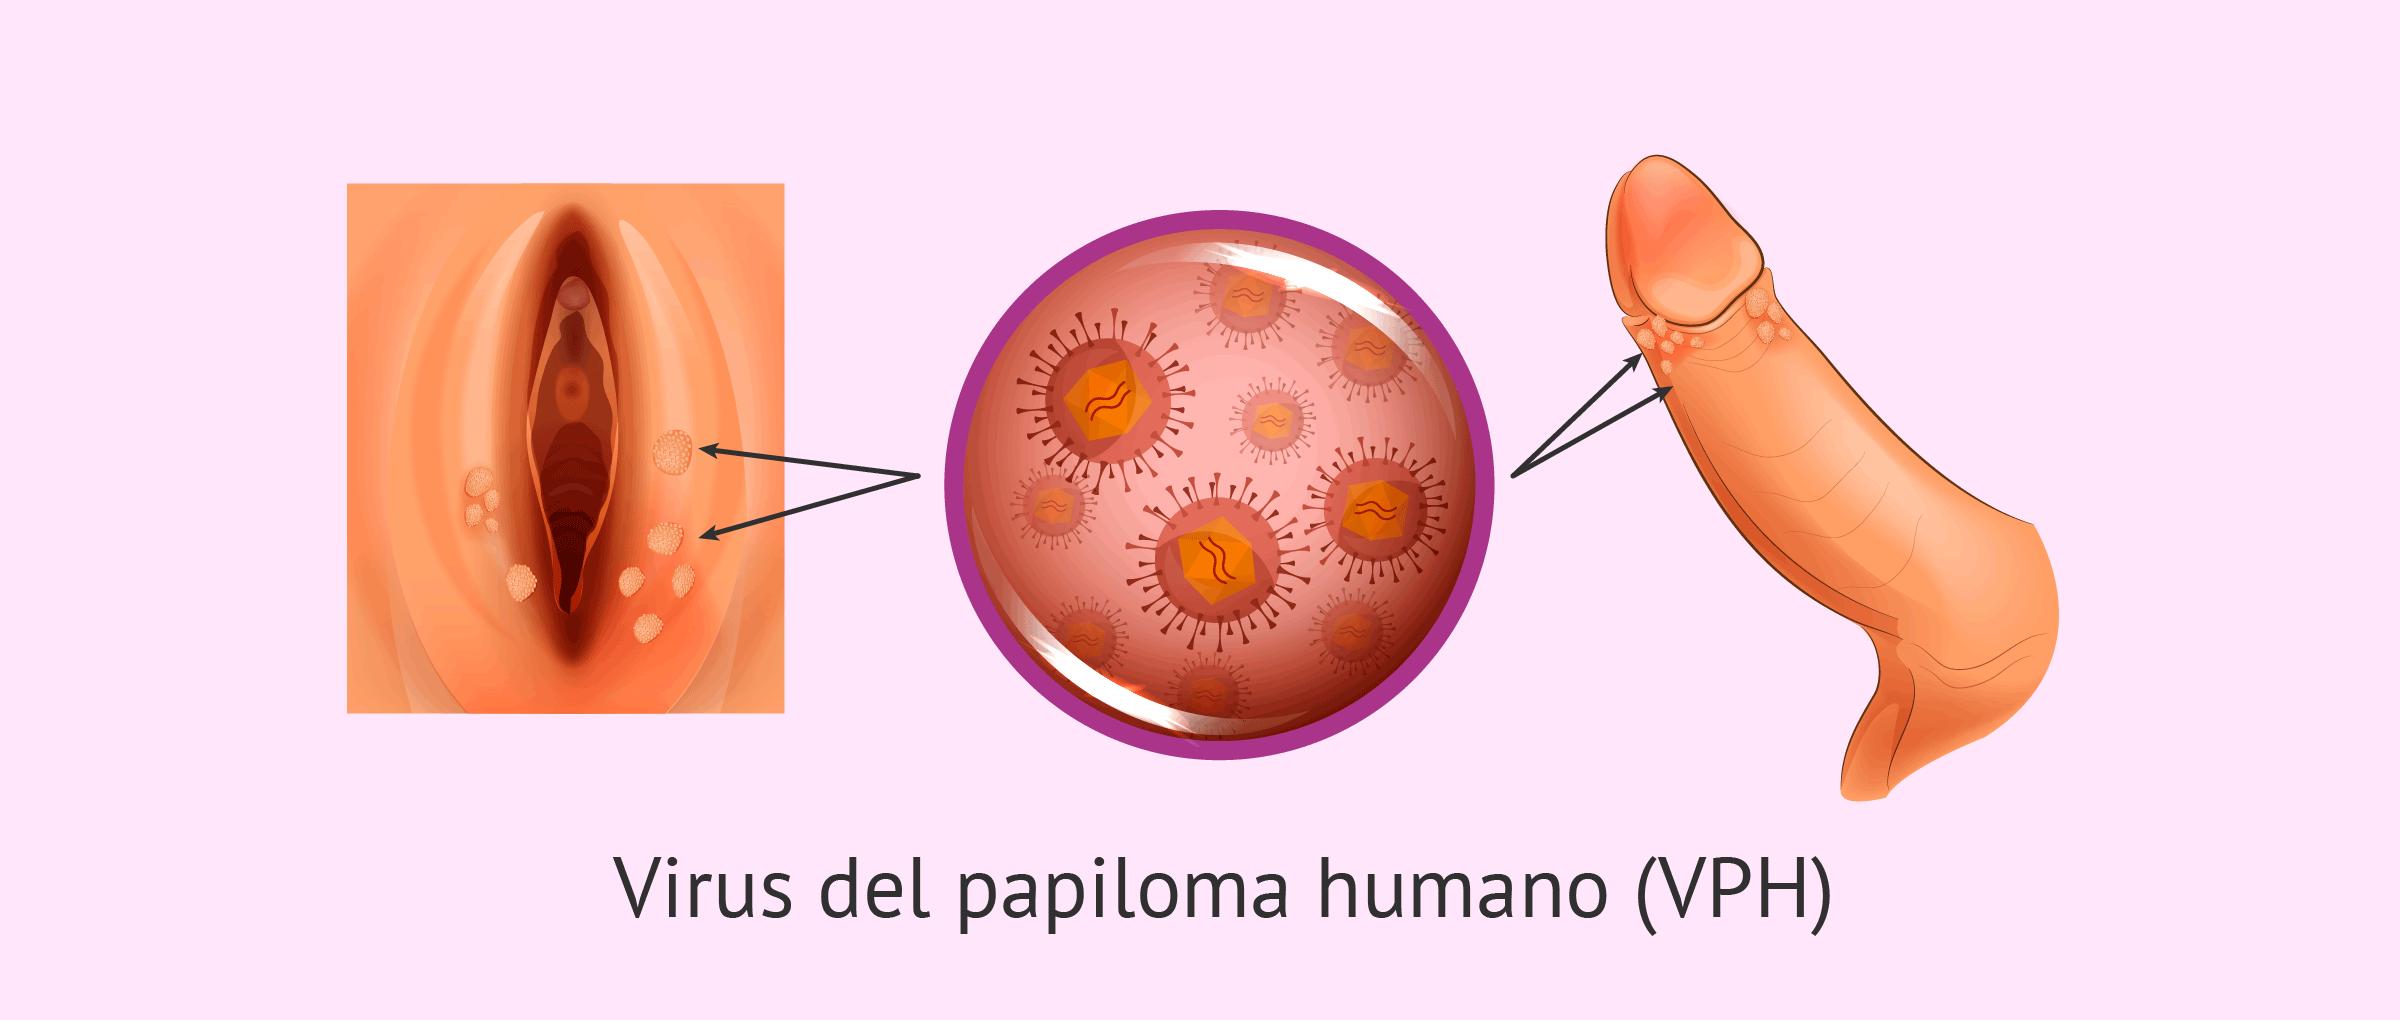 verrugas genitales papiloma)